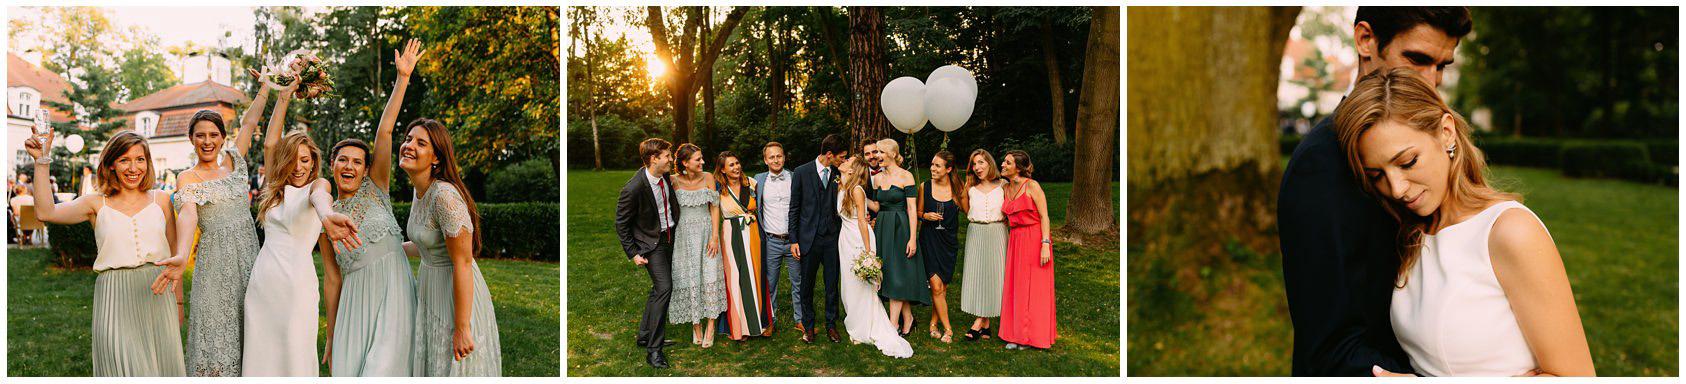 Najlepszy fotograf ślubny w dolnośląskie- Luke Sezeck fotografia